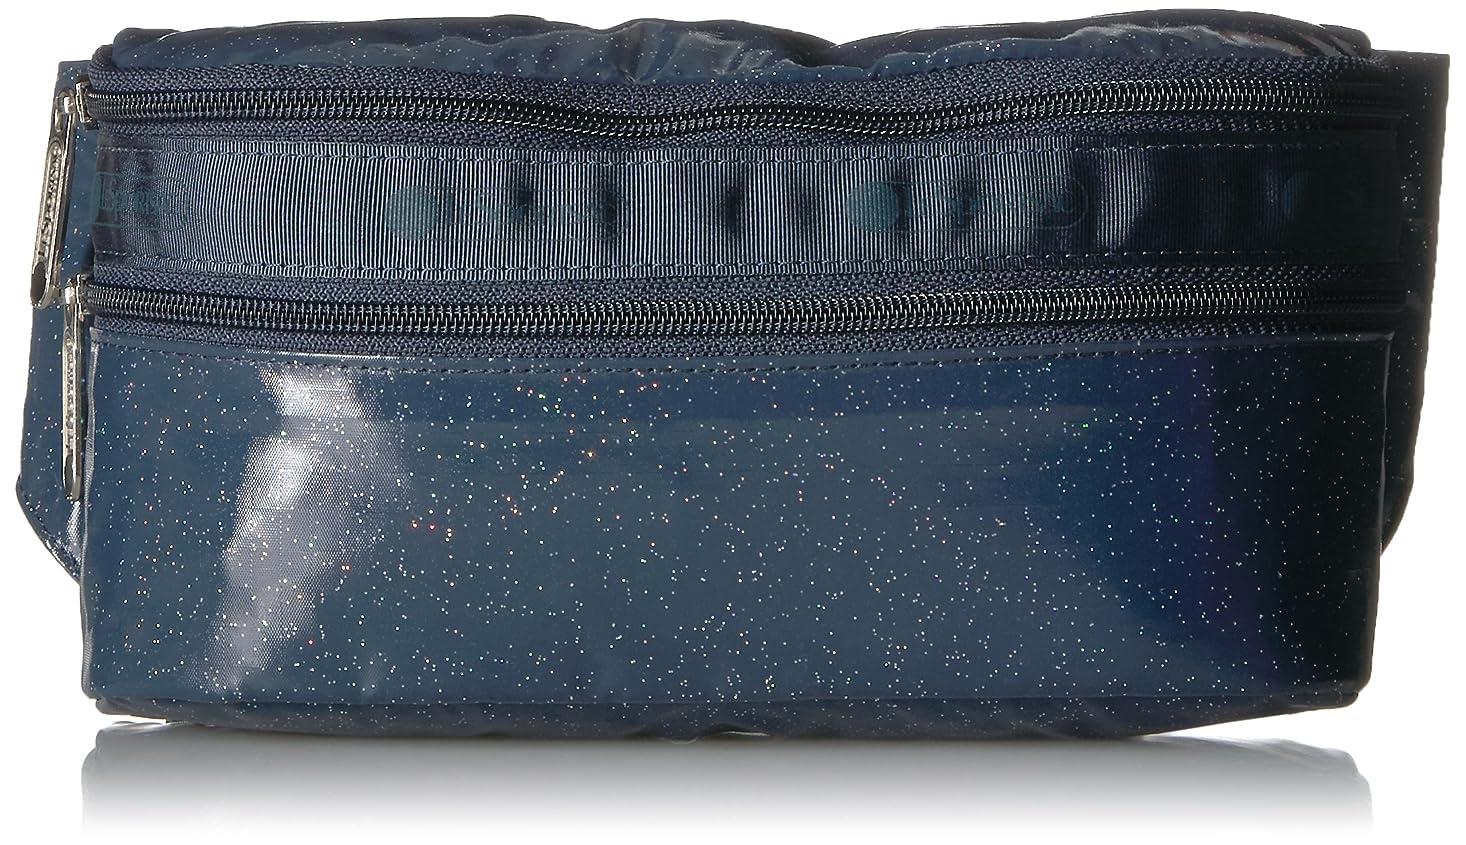 ワックスファーザーファージュセットアップ[レスポートサック] LeSportsac ウエストポーチ(Double Zip Belt Bag)【並行輸入品】